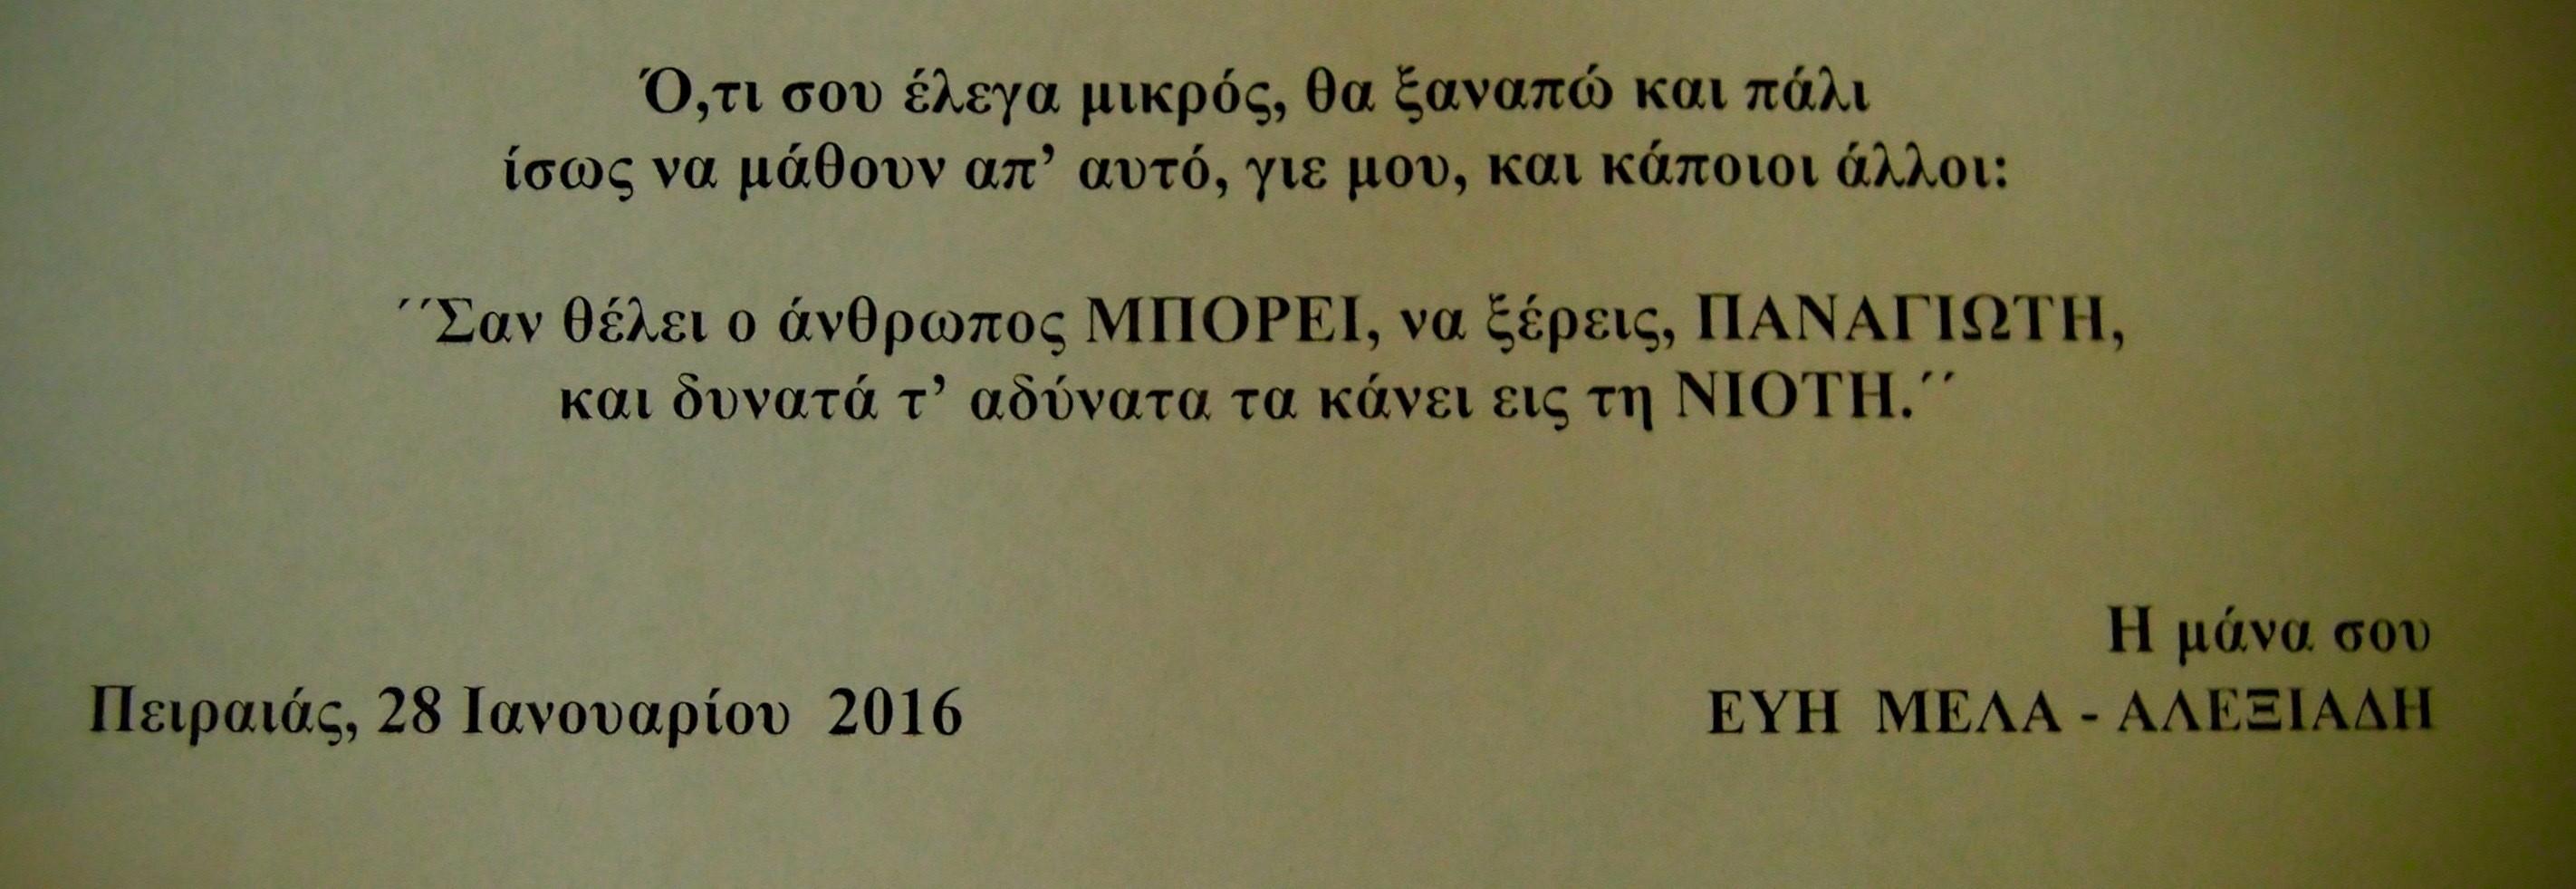 orkos